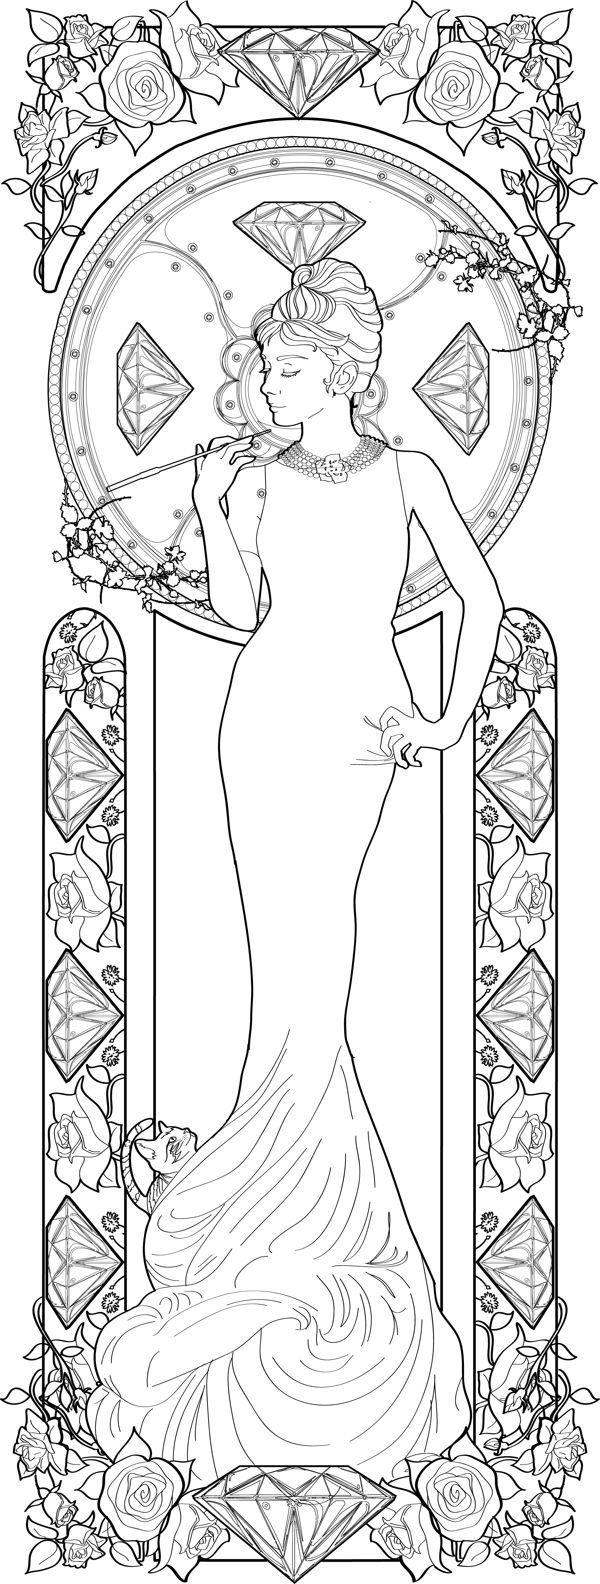 Audrey Hepburn By Azael Olmos Via Behance Christmas Thanksgiving Holiday Quote Kleurboek Kleurplaten Kleurplaten Voor Volwassenen